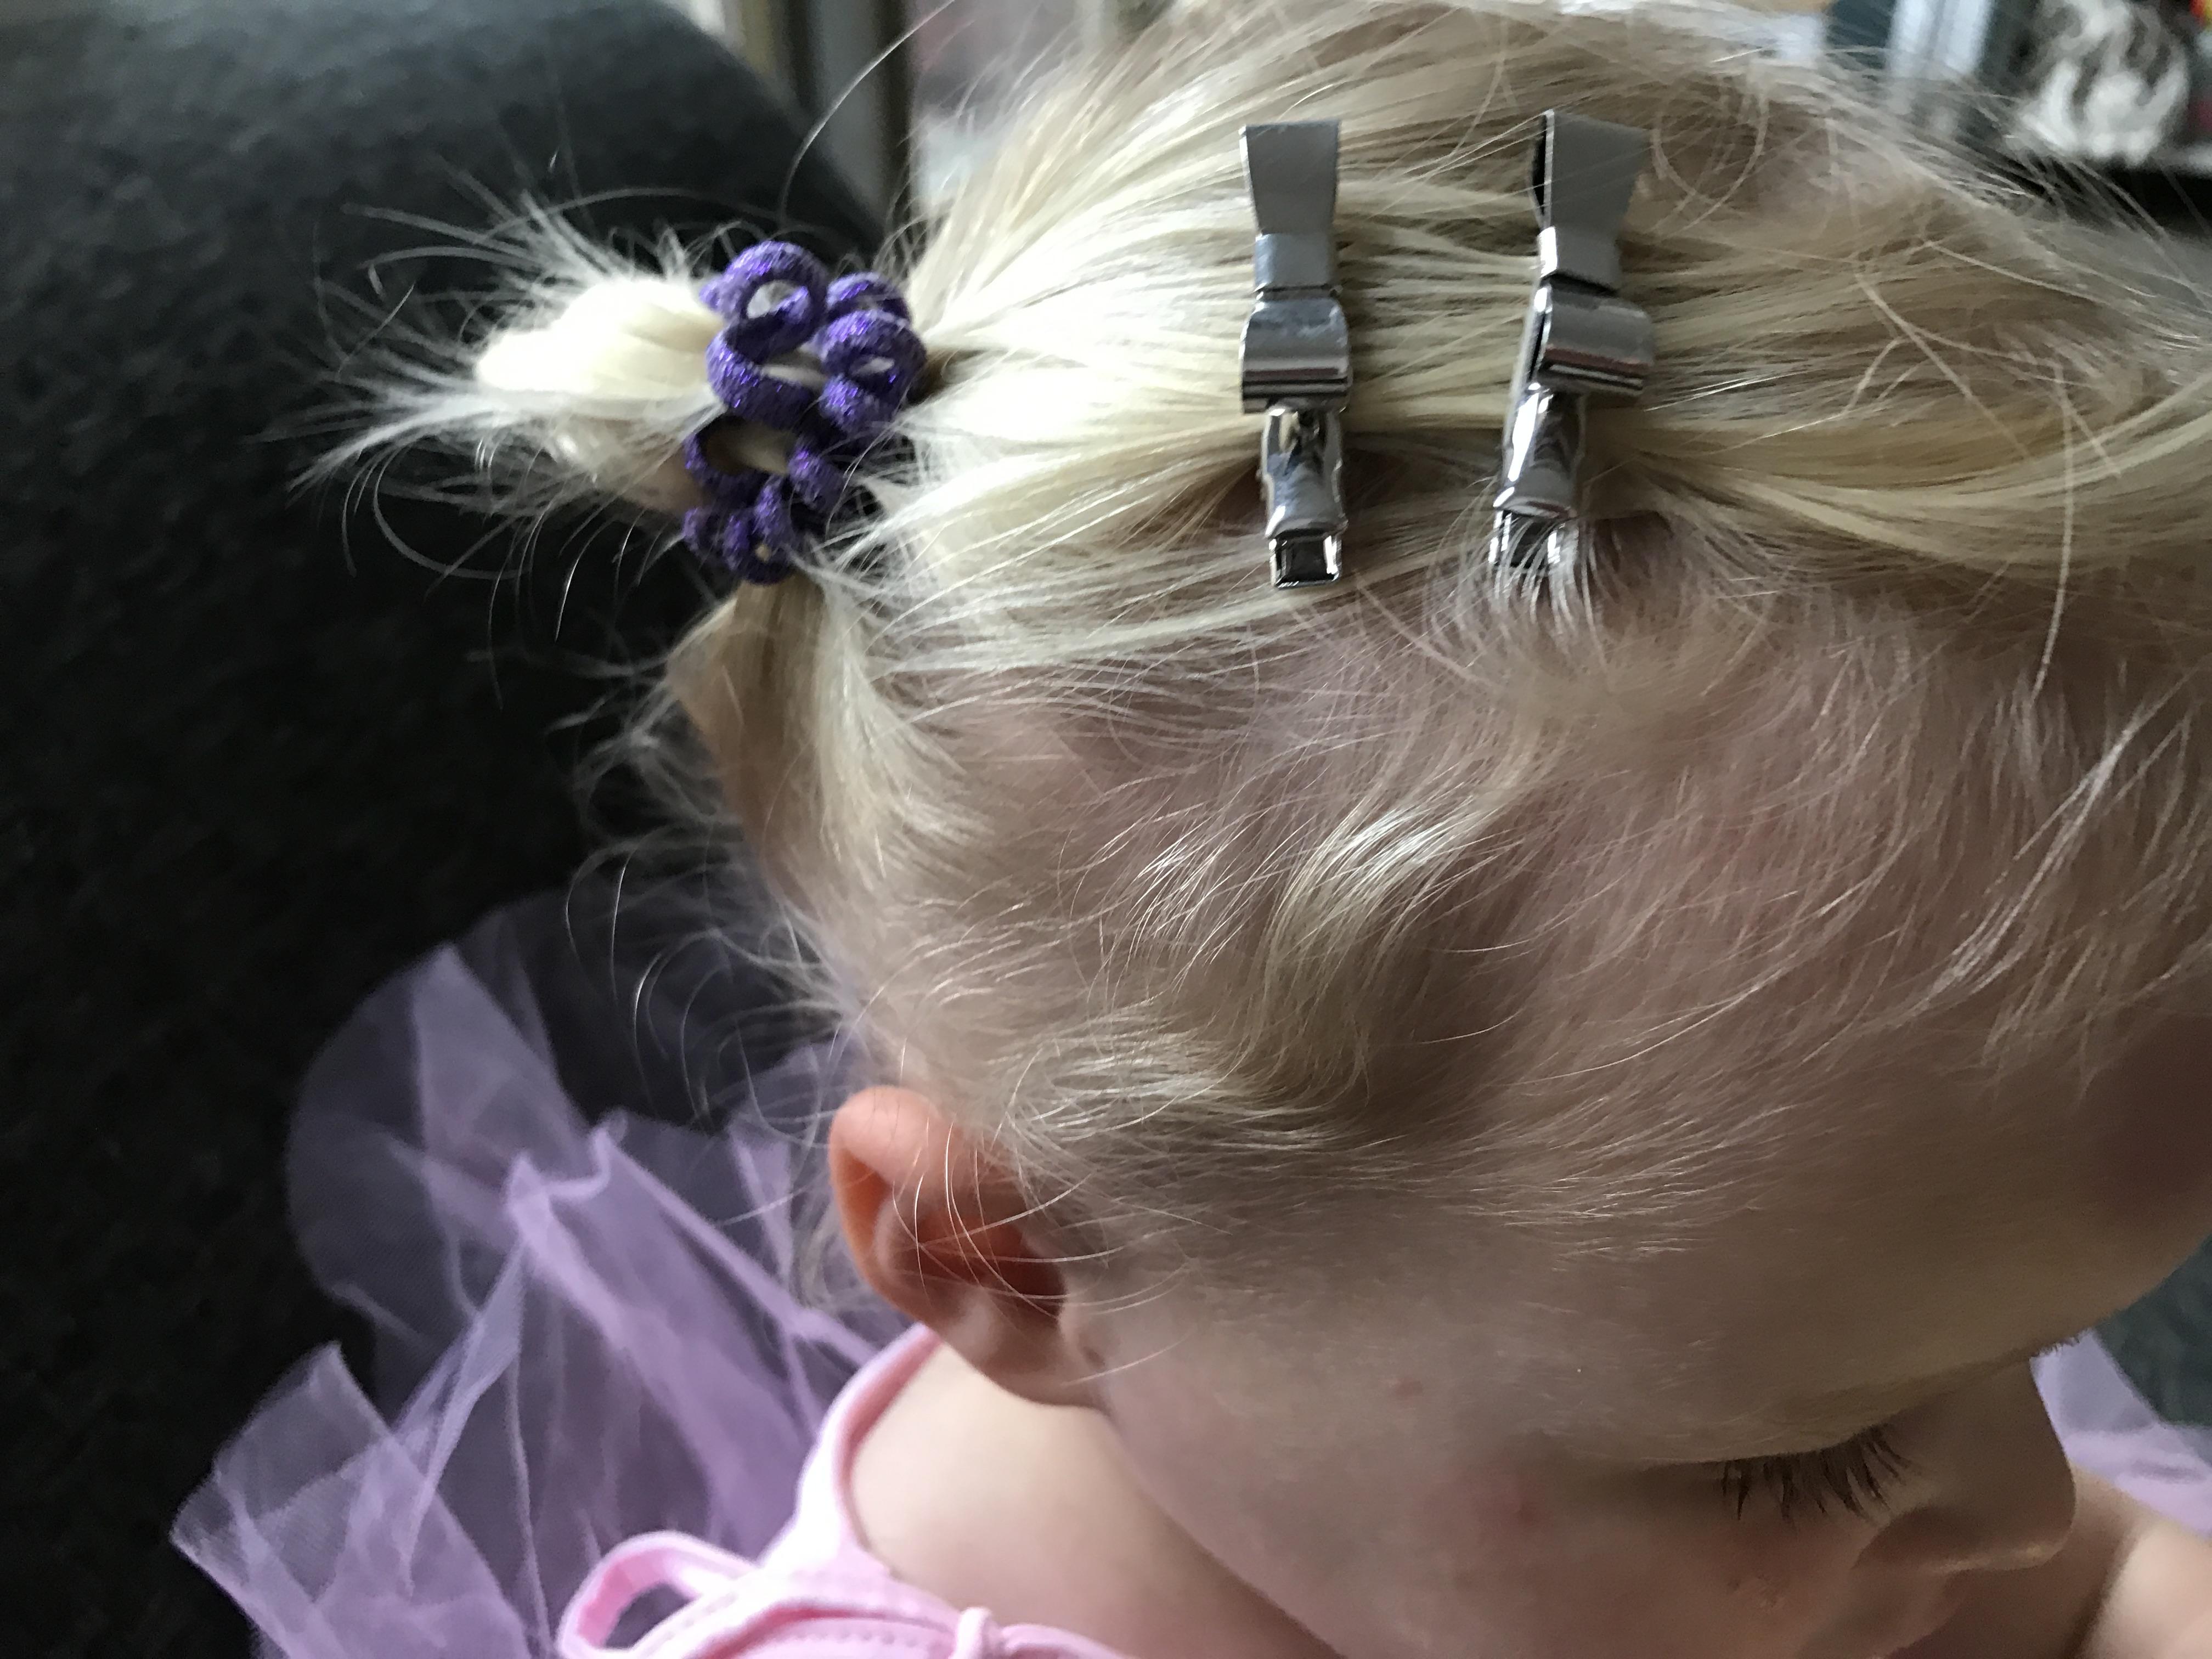 11-16-zenner-haarband-zilver-vlinders-kerst-sinterklaas-cadeau-tip-ballerina-mooi-haar-haaraccessoires-2-jaar-nanny-moeder-amsterdam-elastiekjes